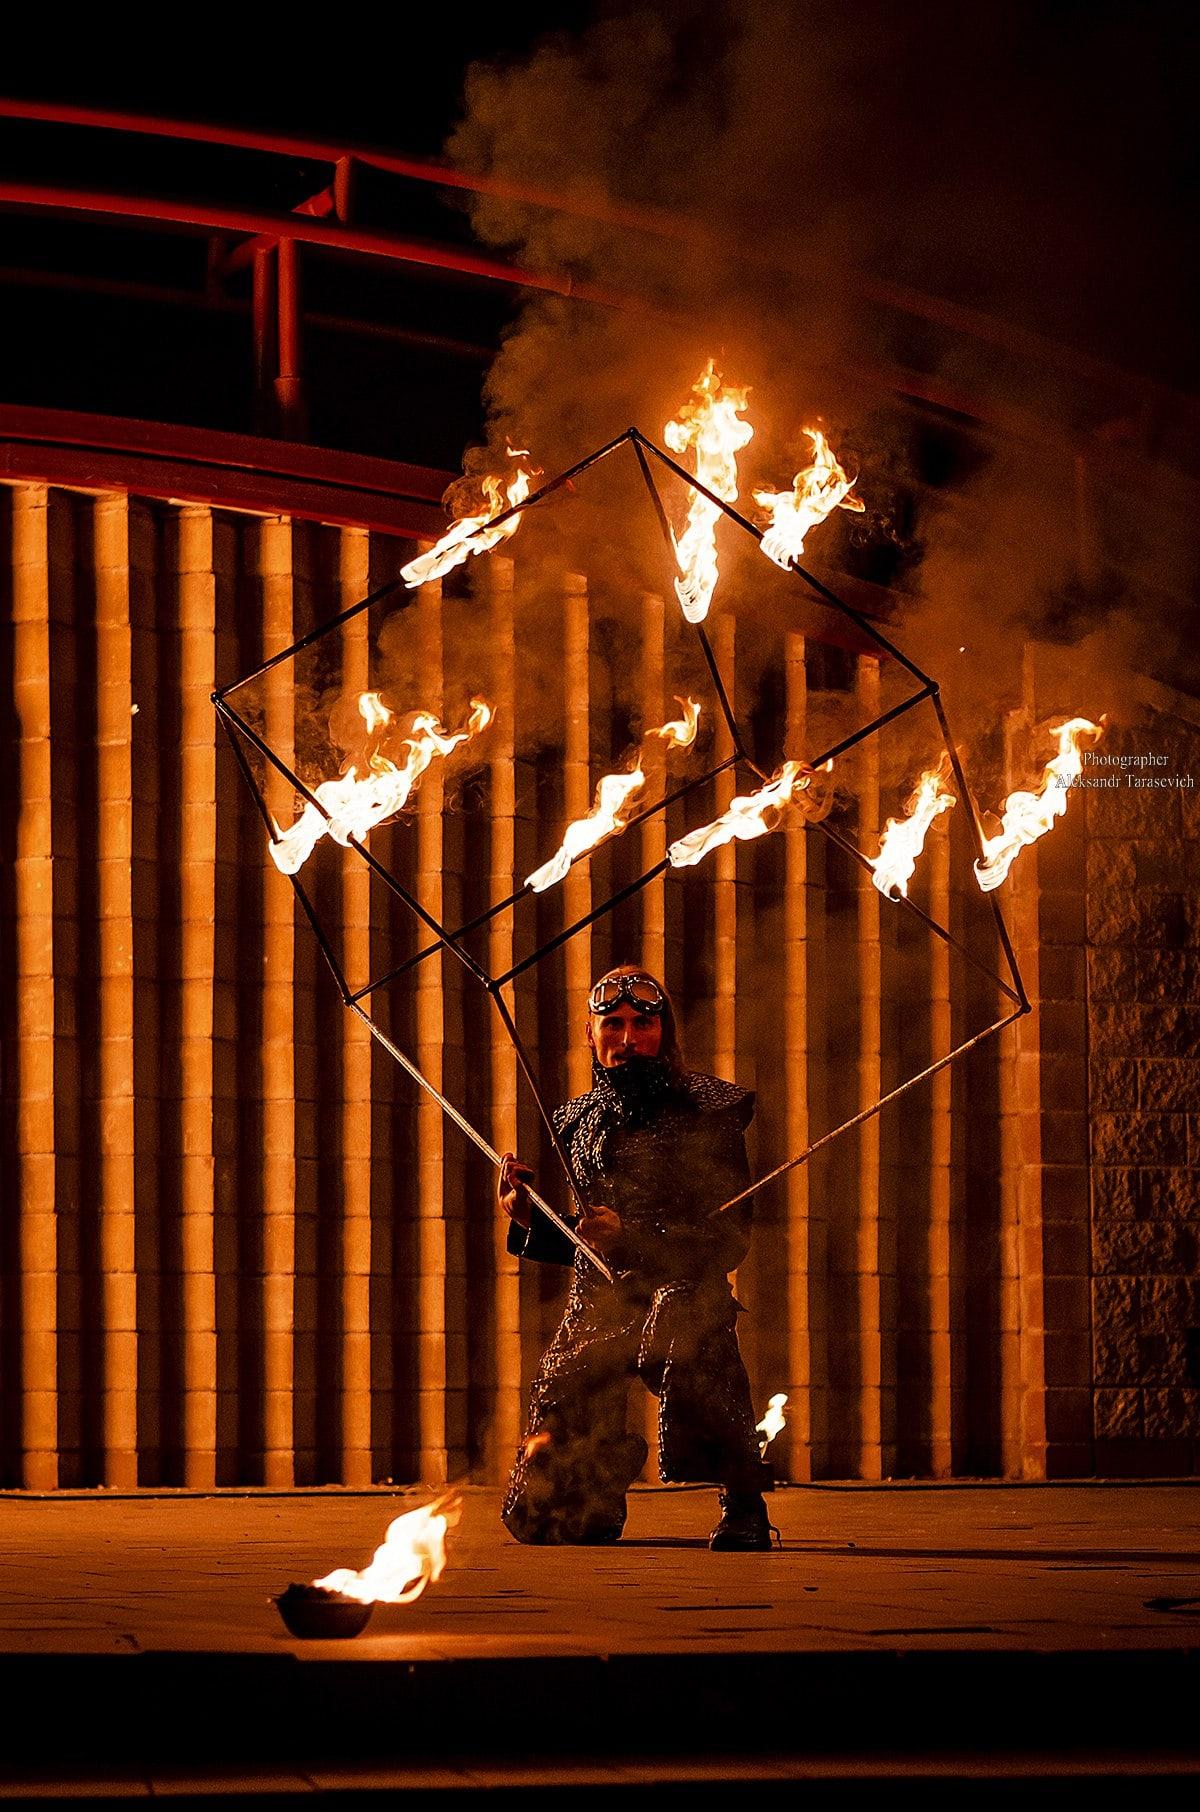 силовой жонглер горящим кубом 70д